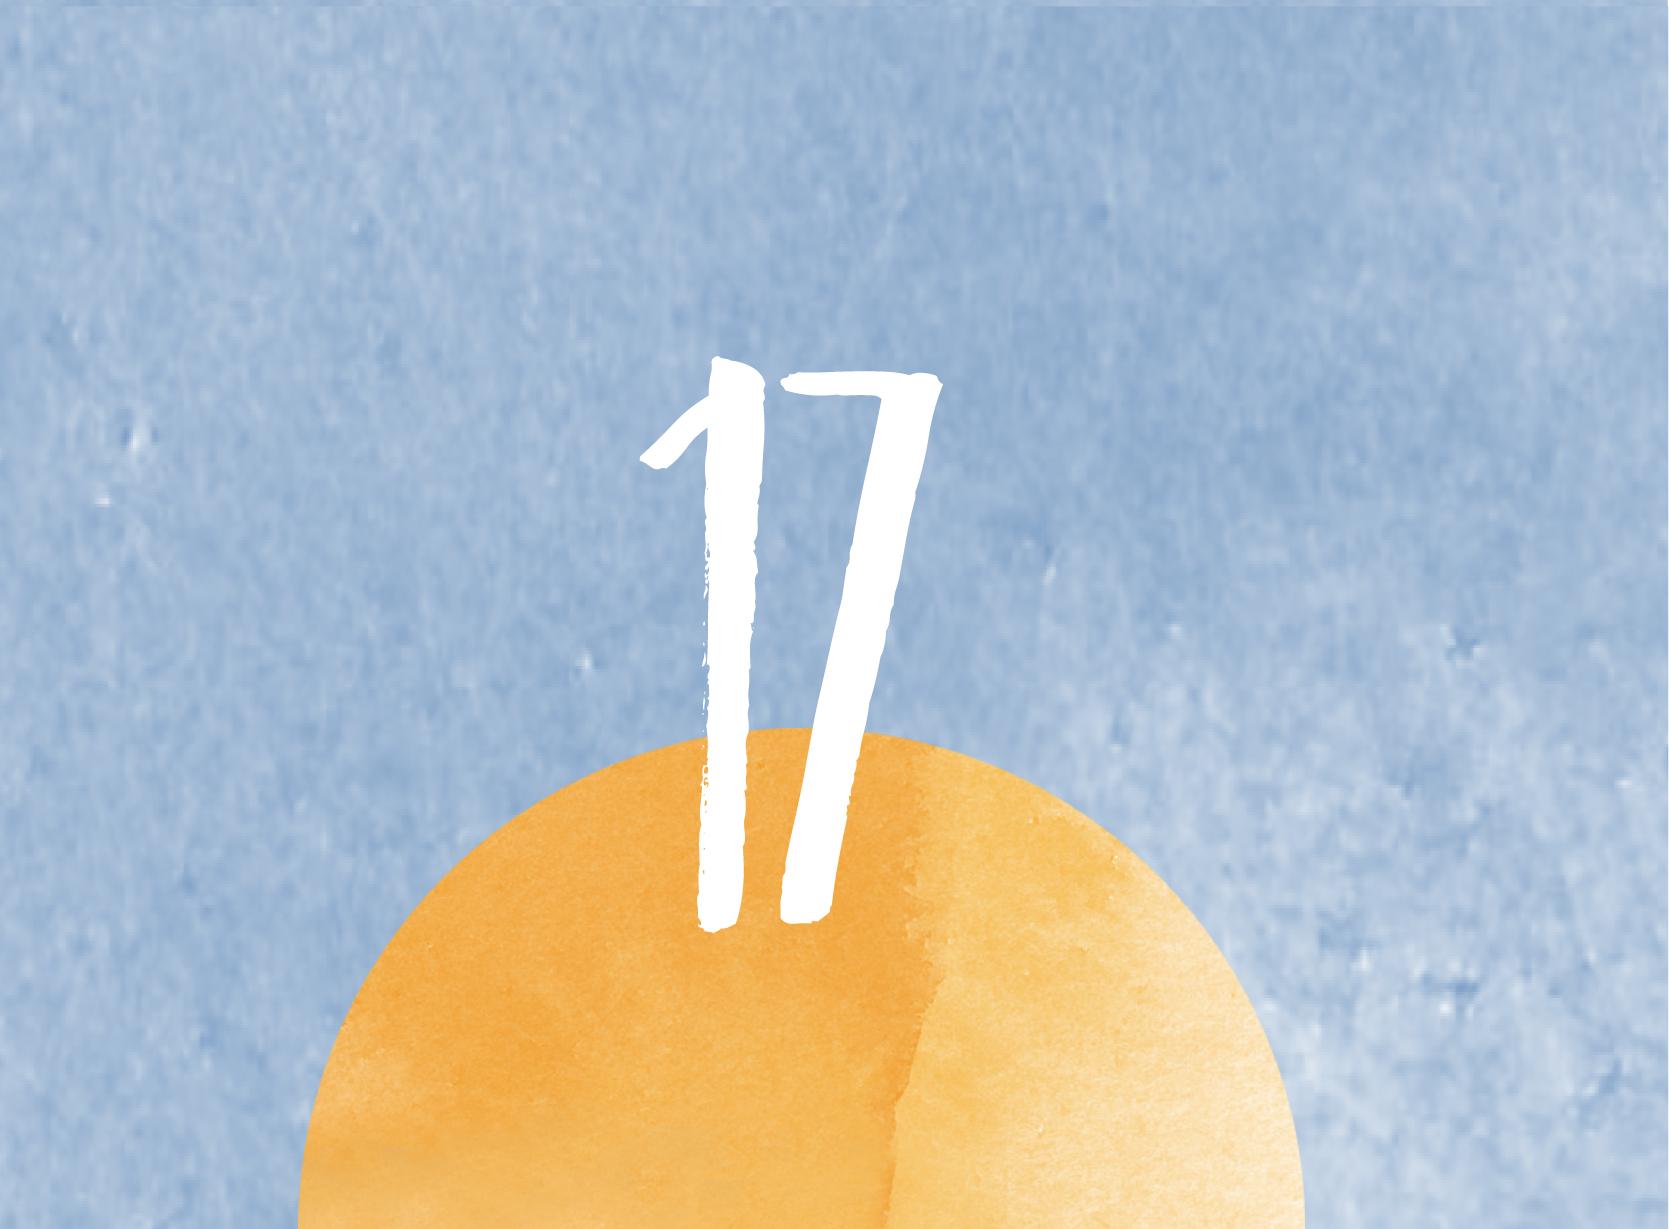 Calendrier de l'avent - 17